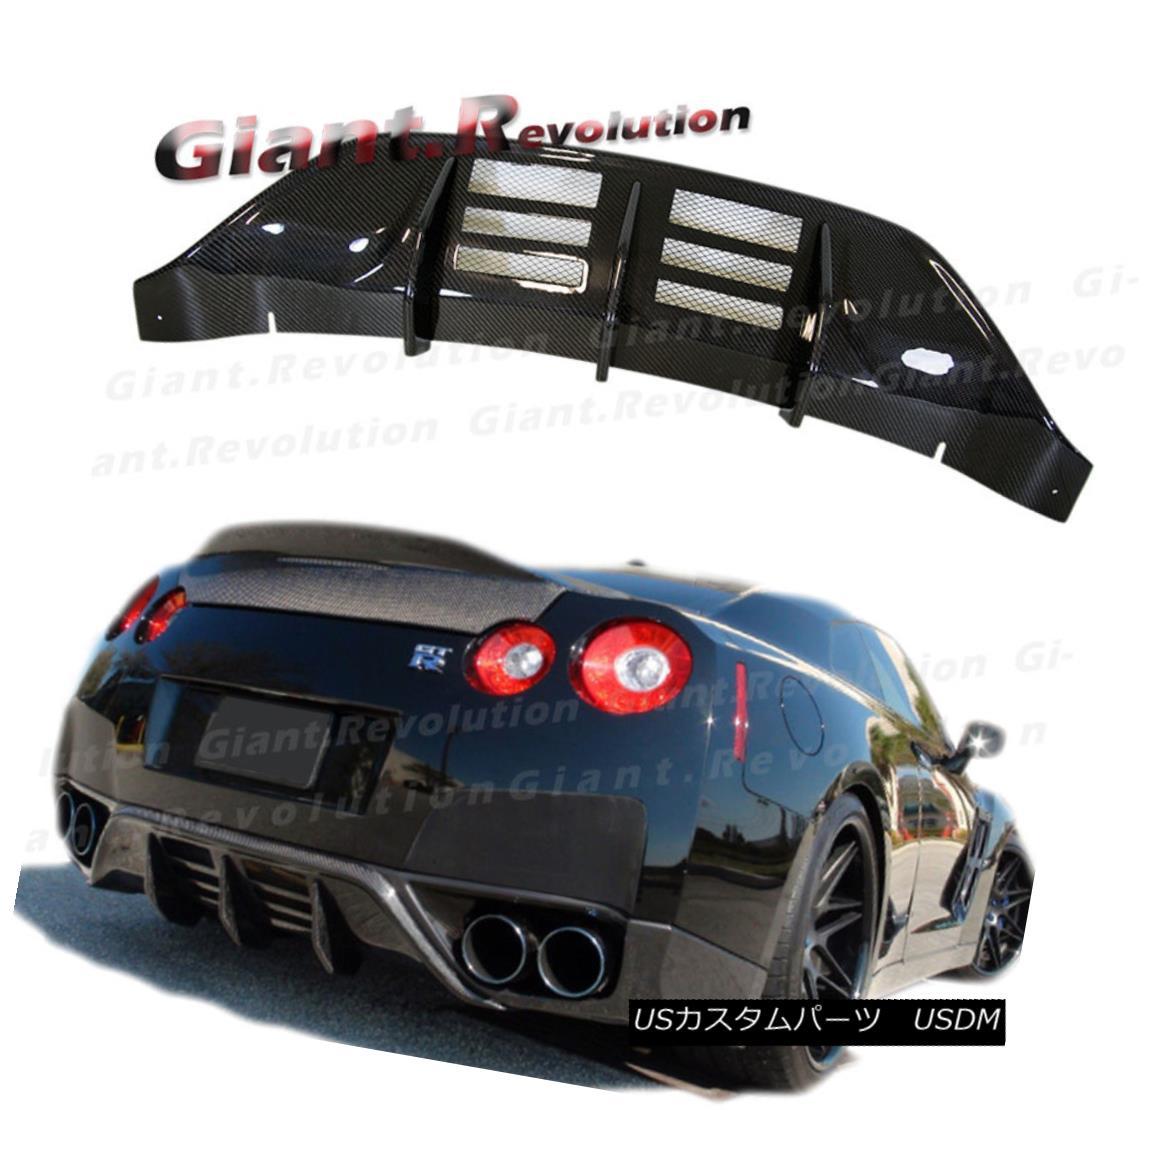 エアロパーツ For 08-11 GTR R35 CBA Model Carbon Fiber W Look Rear Bumper Diffuser Replace Lip 08-11 GTR R35 CBAモデルカーボンファイバーWルックリアバンパーディフューザリップリップ